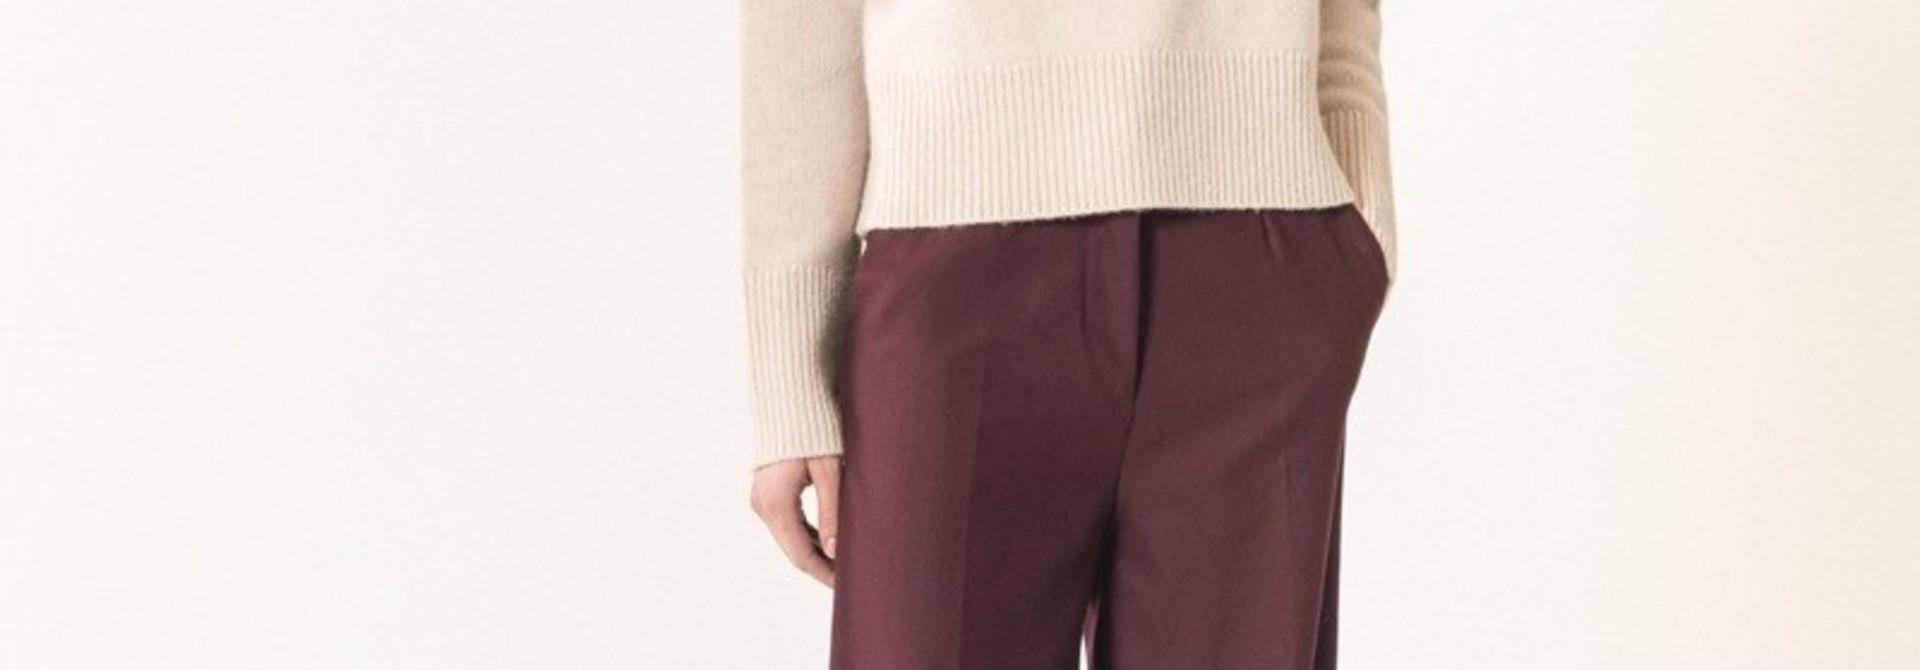 Miro sweater Vanessa Bruno